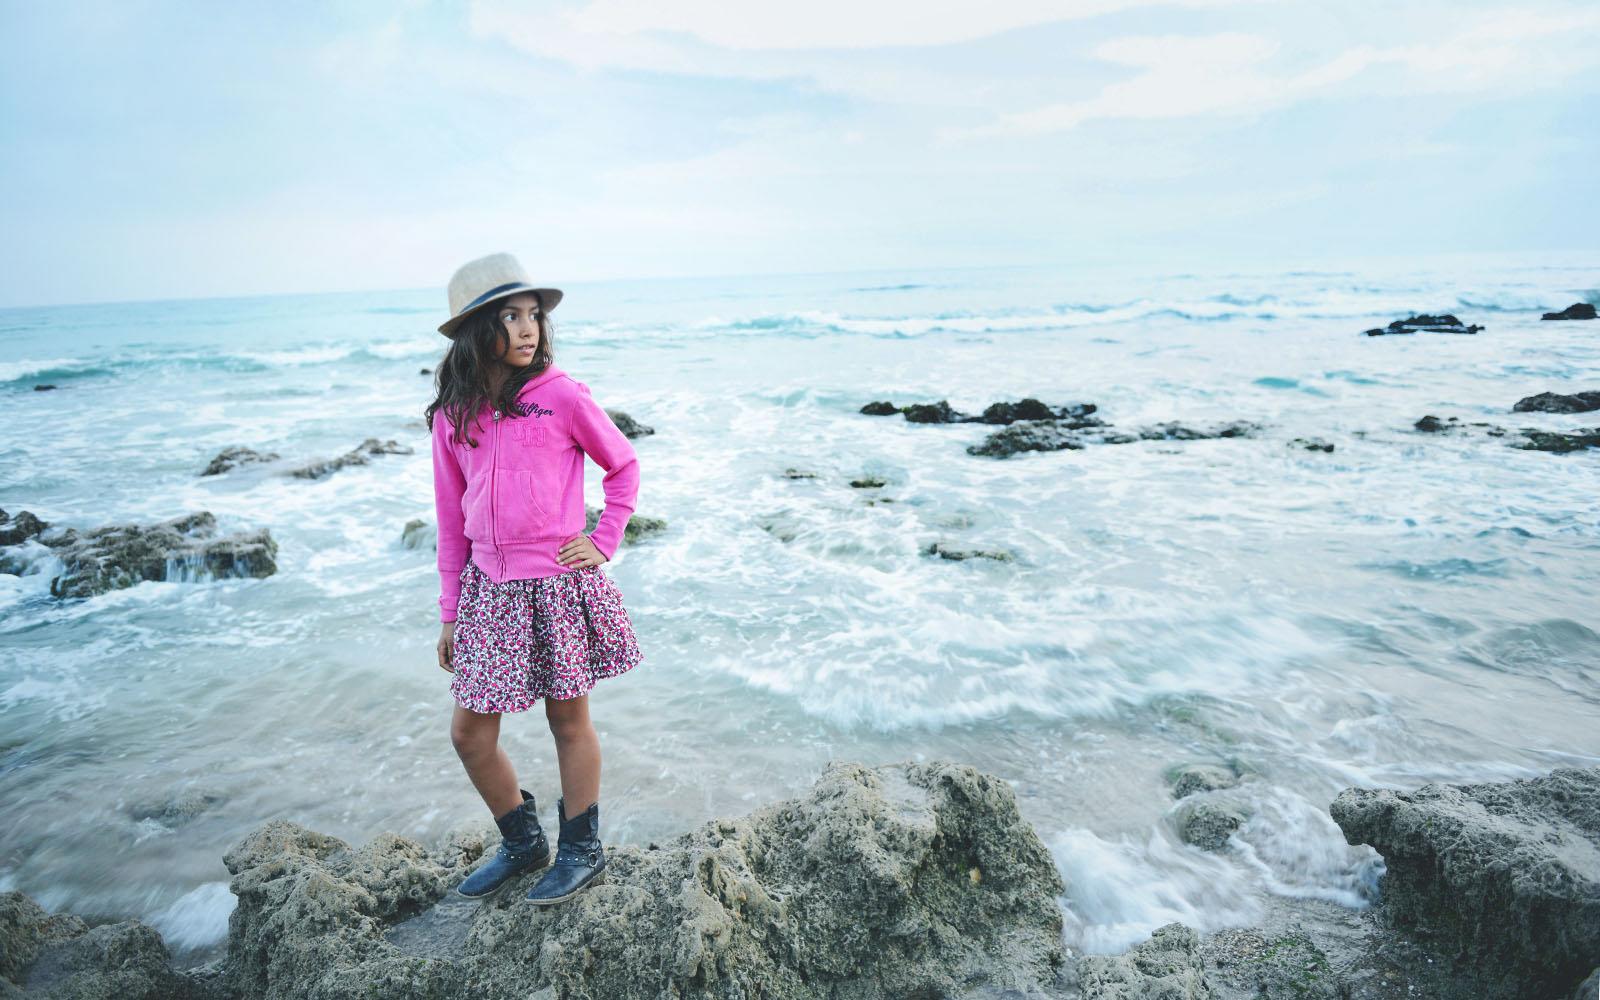 foto relatos fotokids - mar de espigas (6)